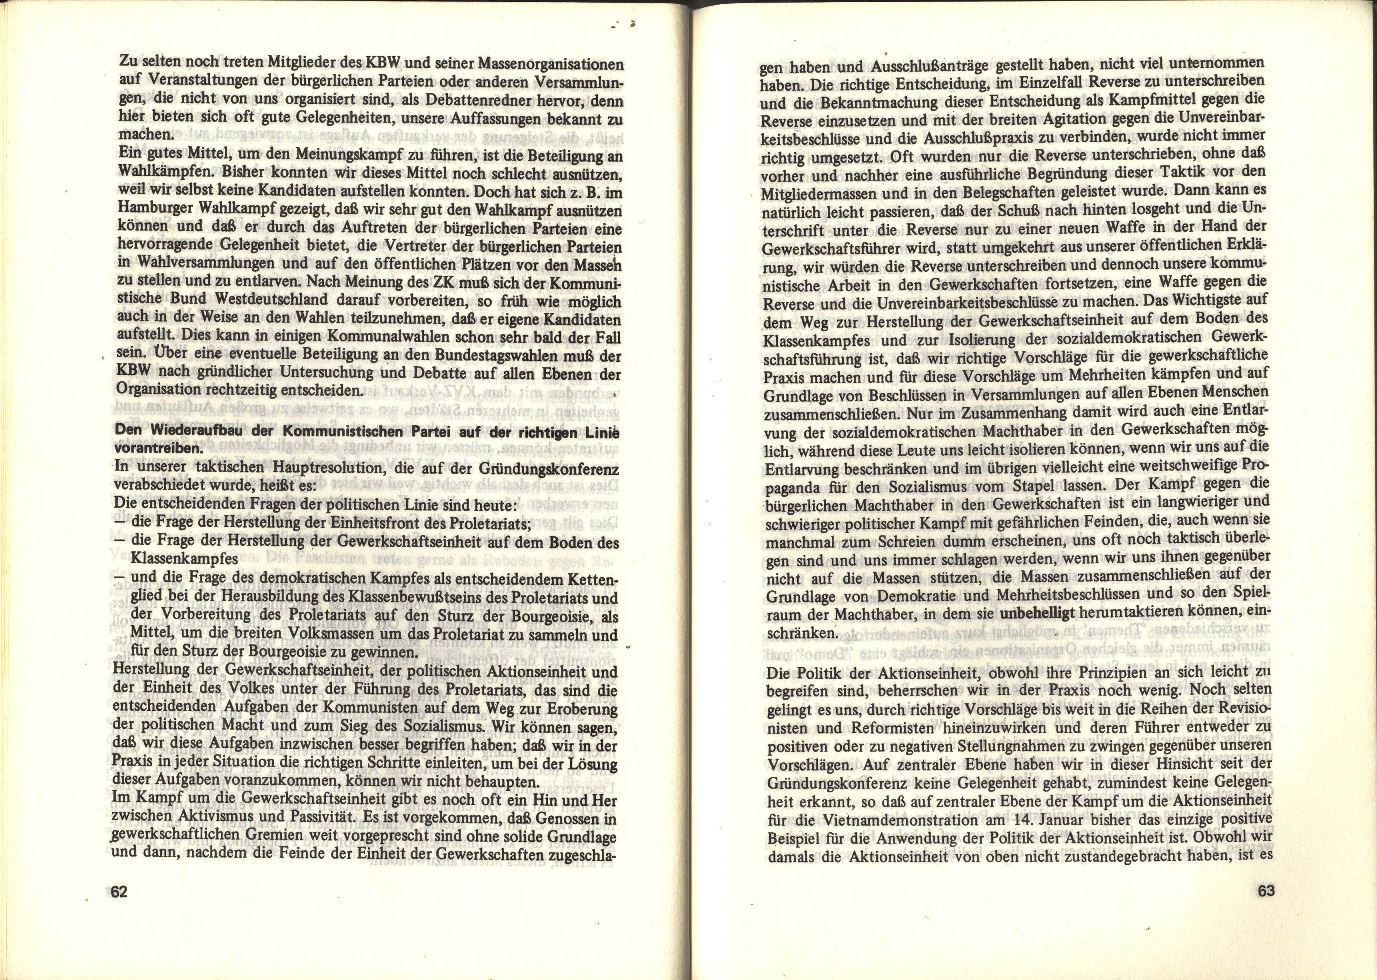 KBW_1974_Politischer_Bericht033